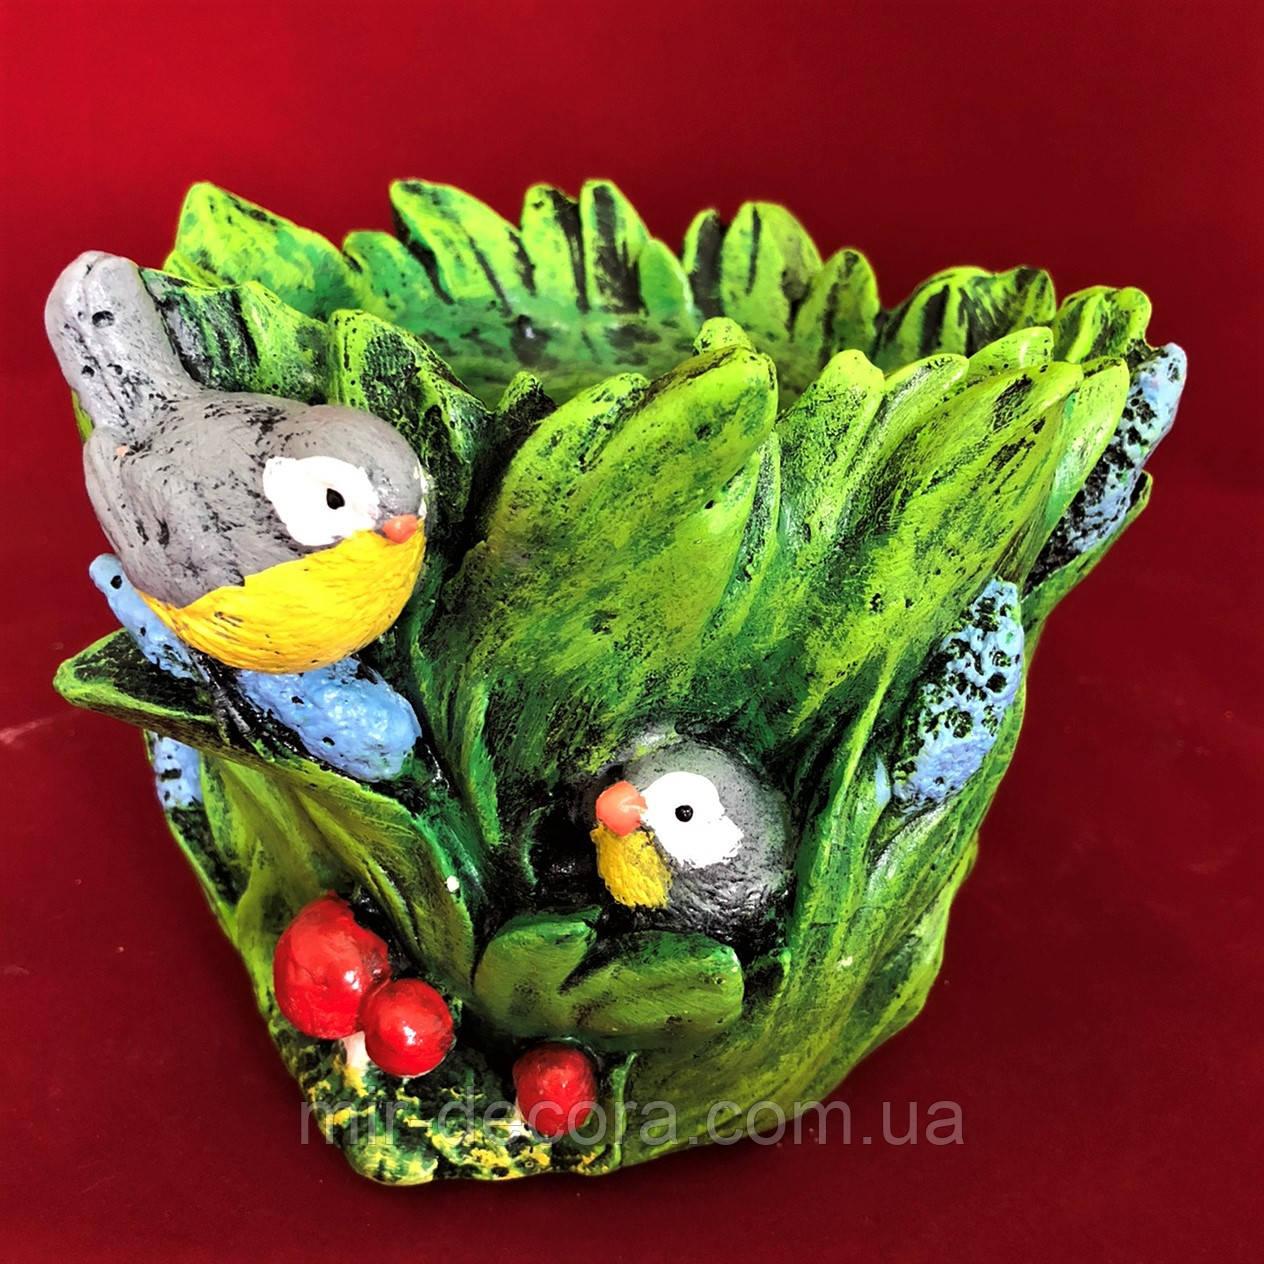 Красивое кашпо садовые фигурки Птички в камыше